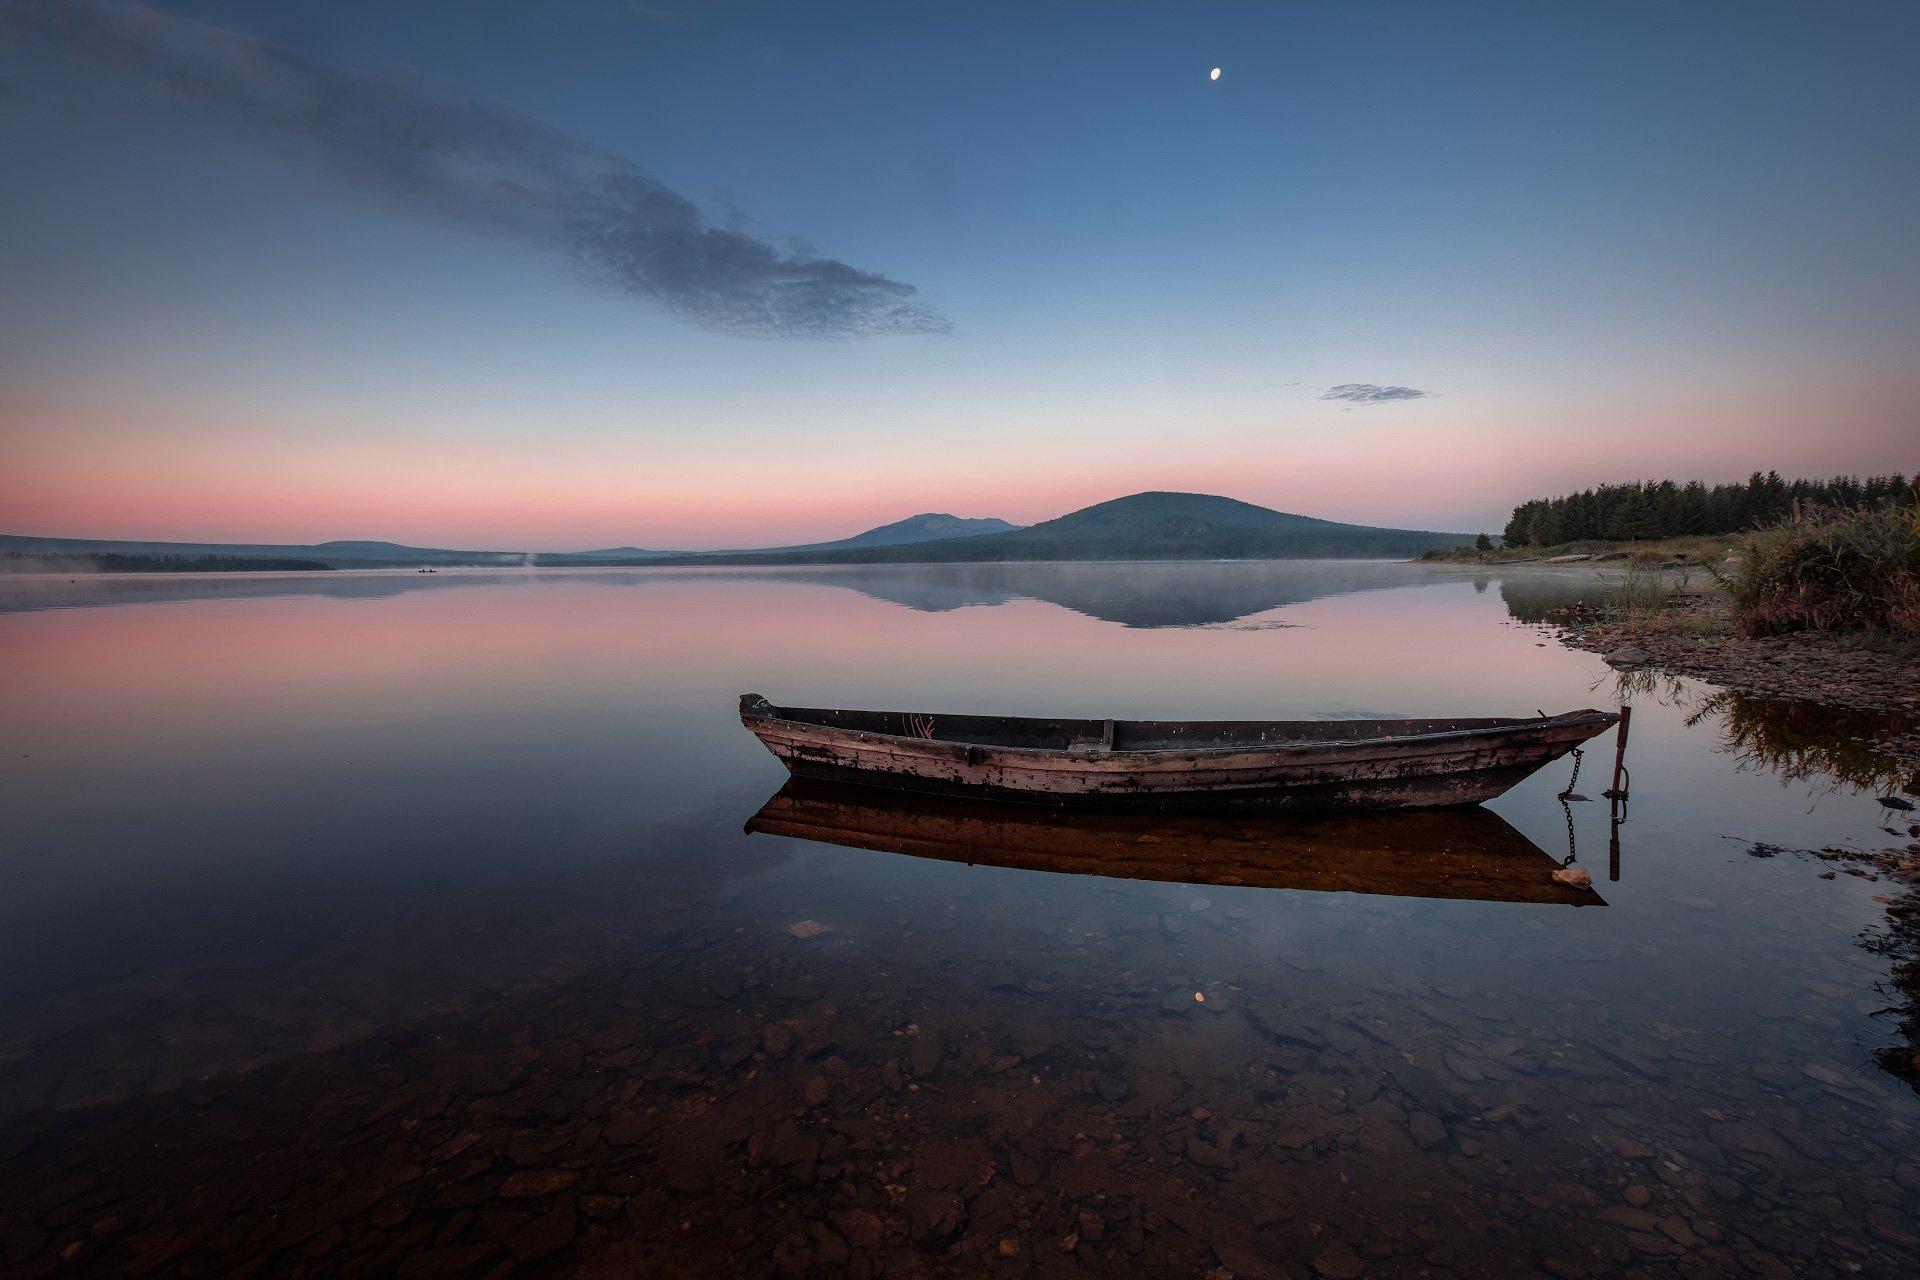 зюраткуль, пейзаж, озеро, луна, лодки, горы, небо, рыбаки, рассвет, туман, утро, Андрей Чиж